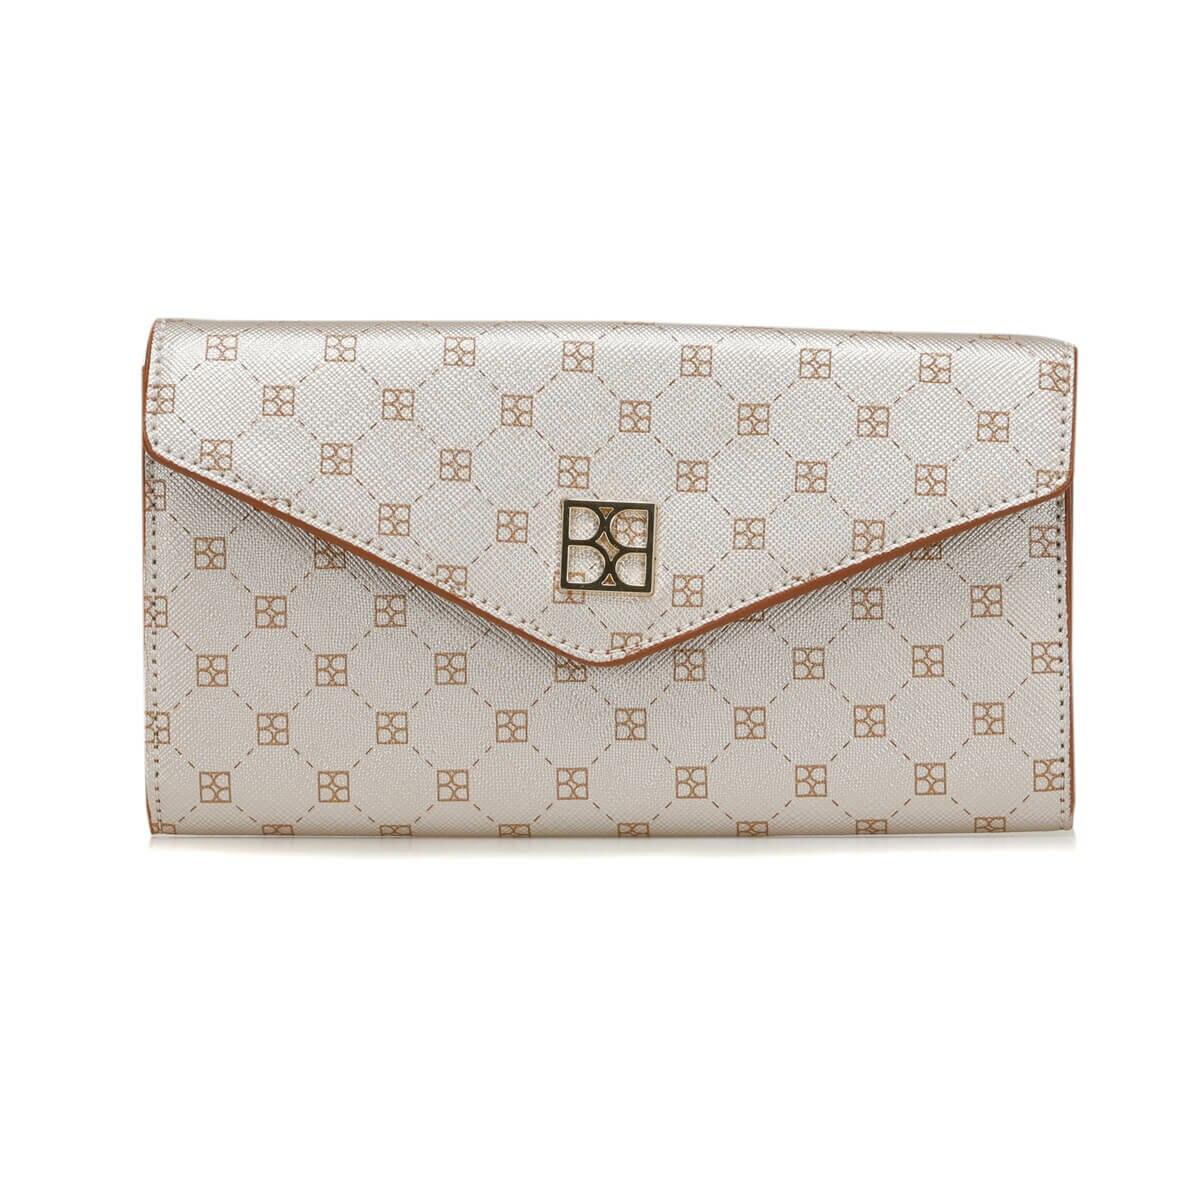 FLO WERT2238 Mink Women 'S Wallet BUTIGO